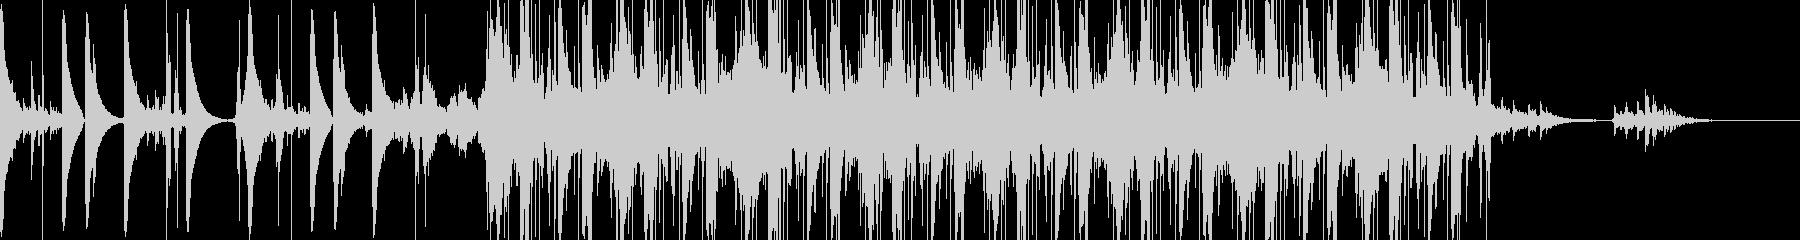 ヒップホップ研究所トラップスタイル...の未再生の波形